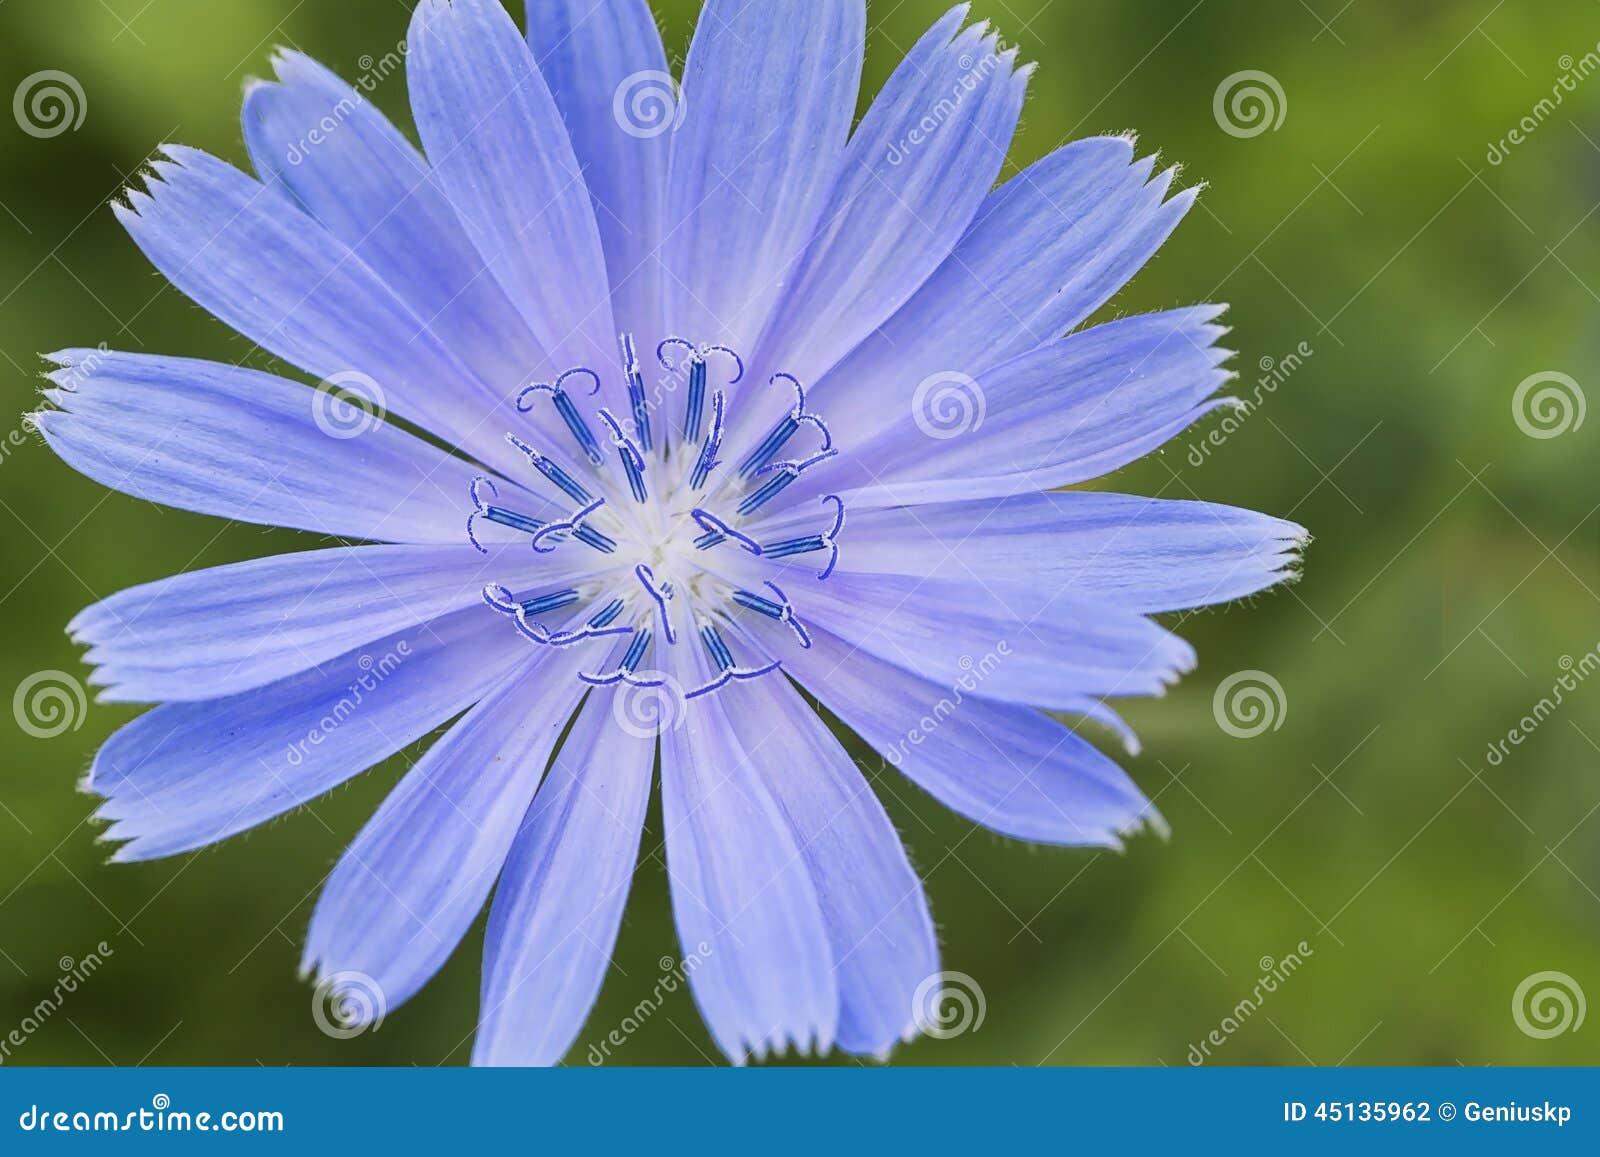 Цветок цикория фото